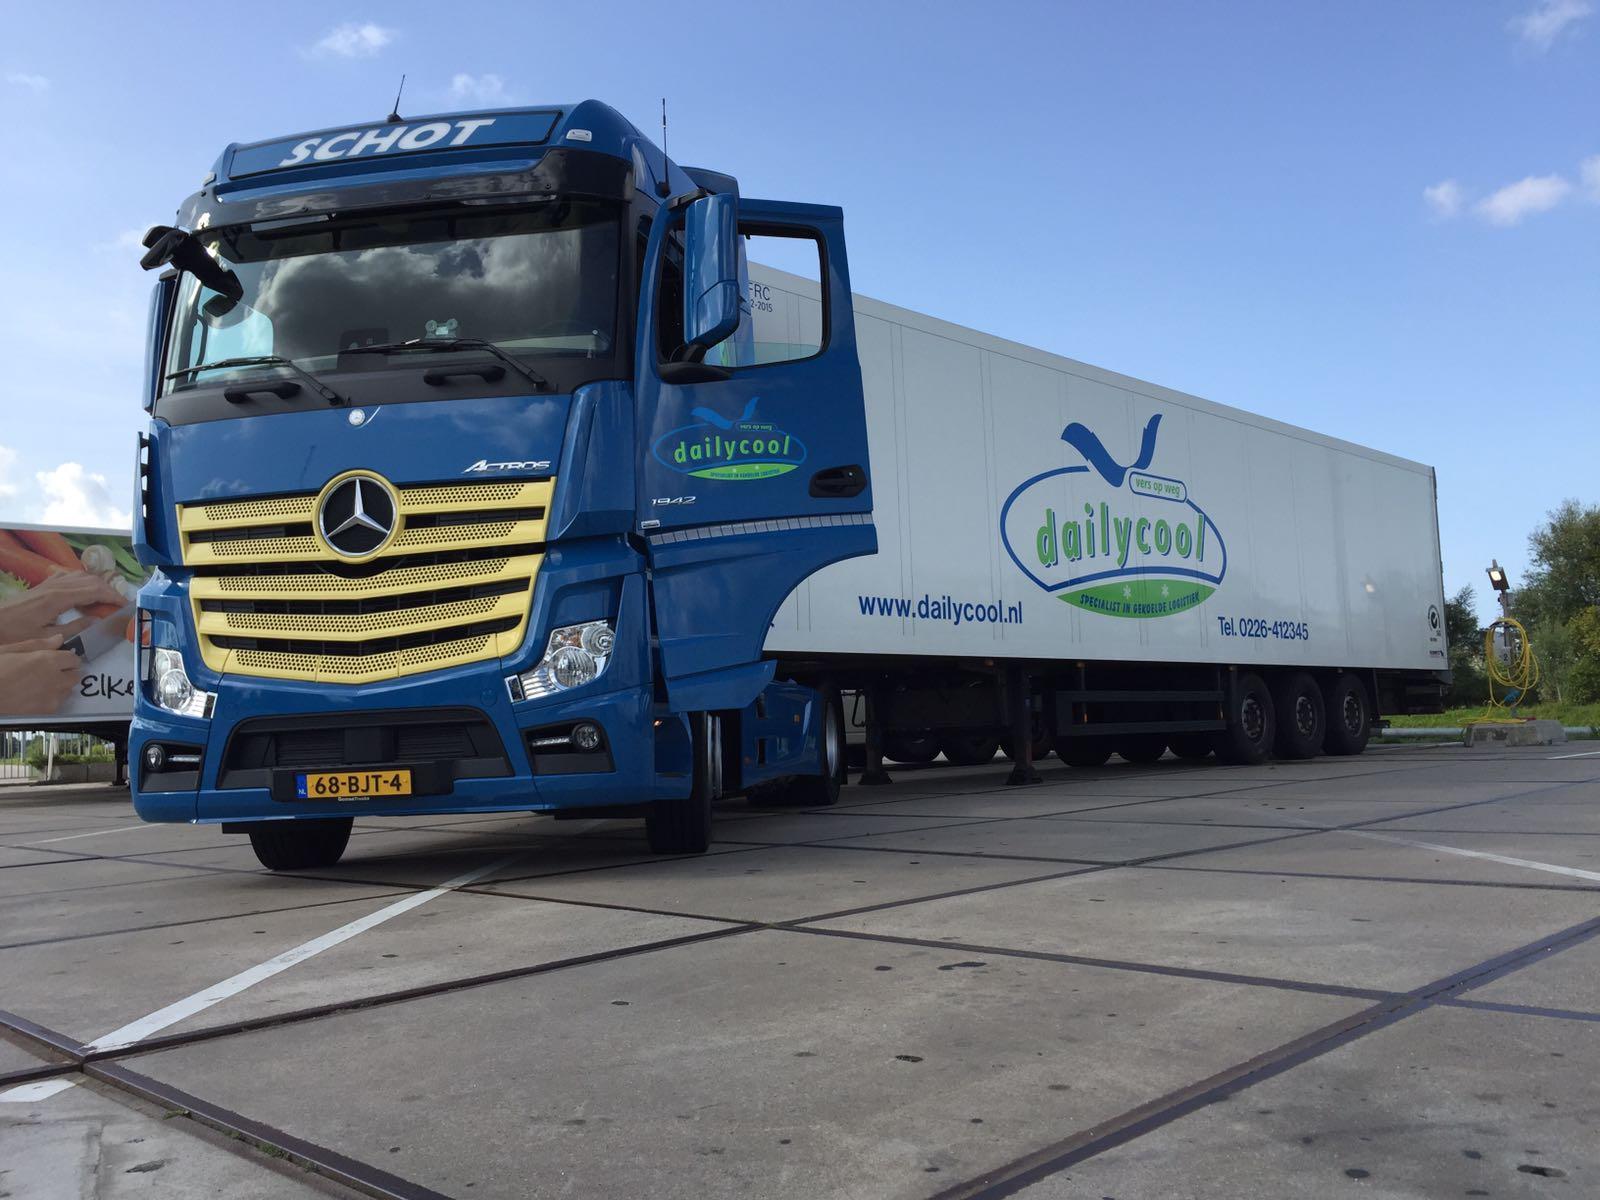 vrachtwagen dailycool